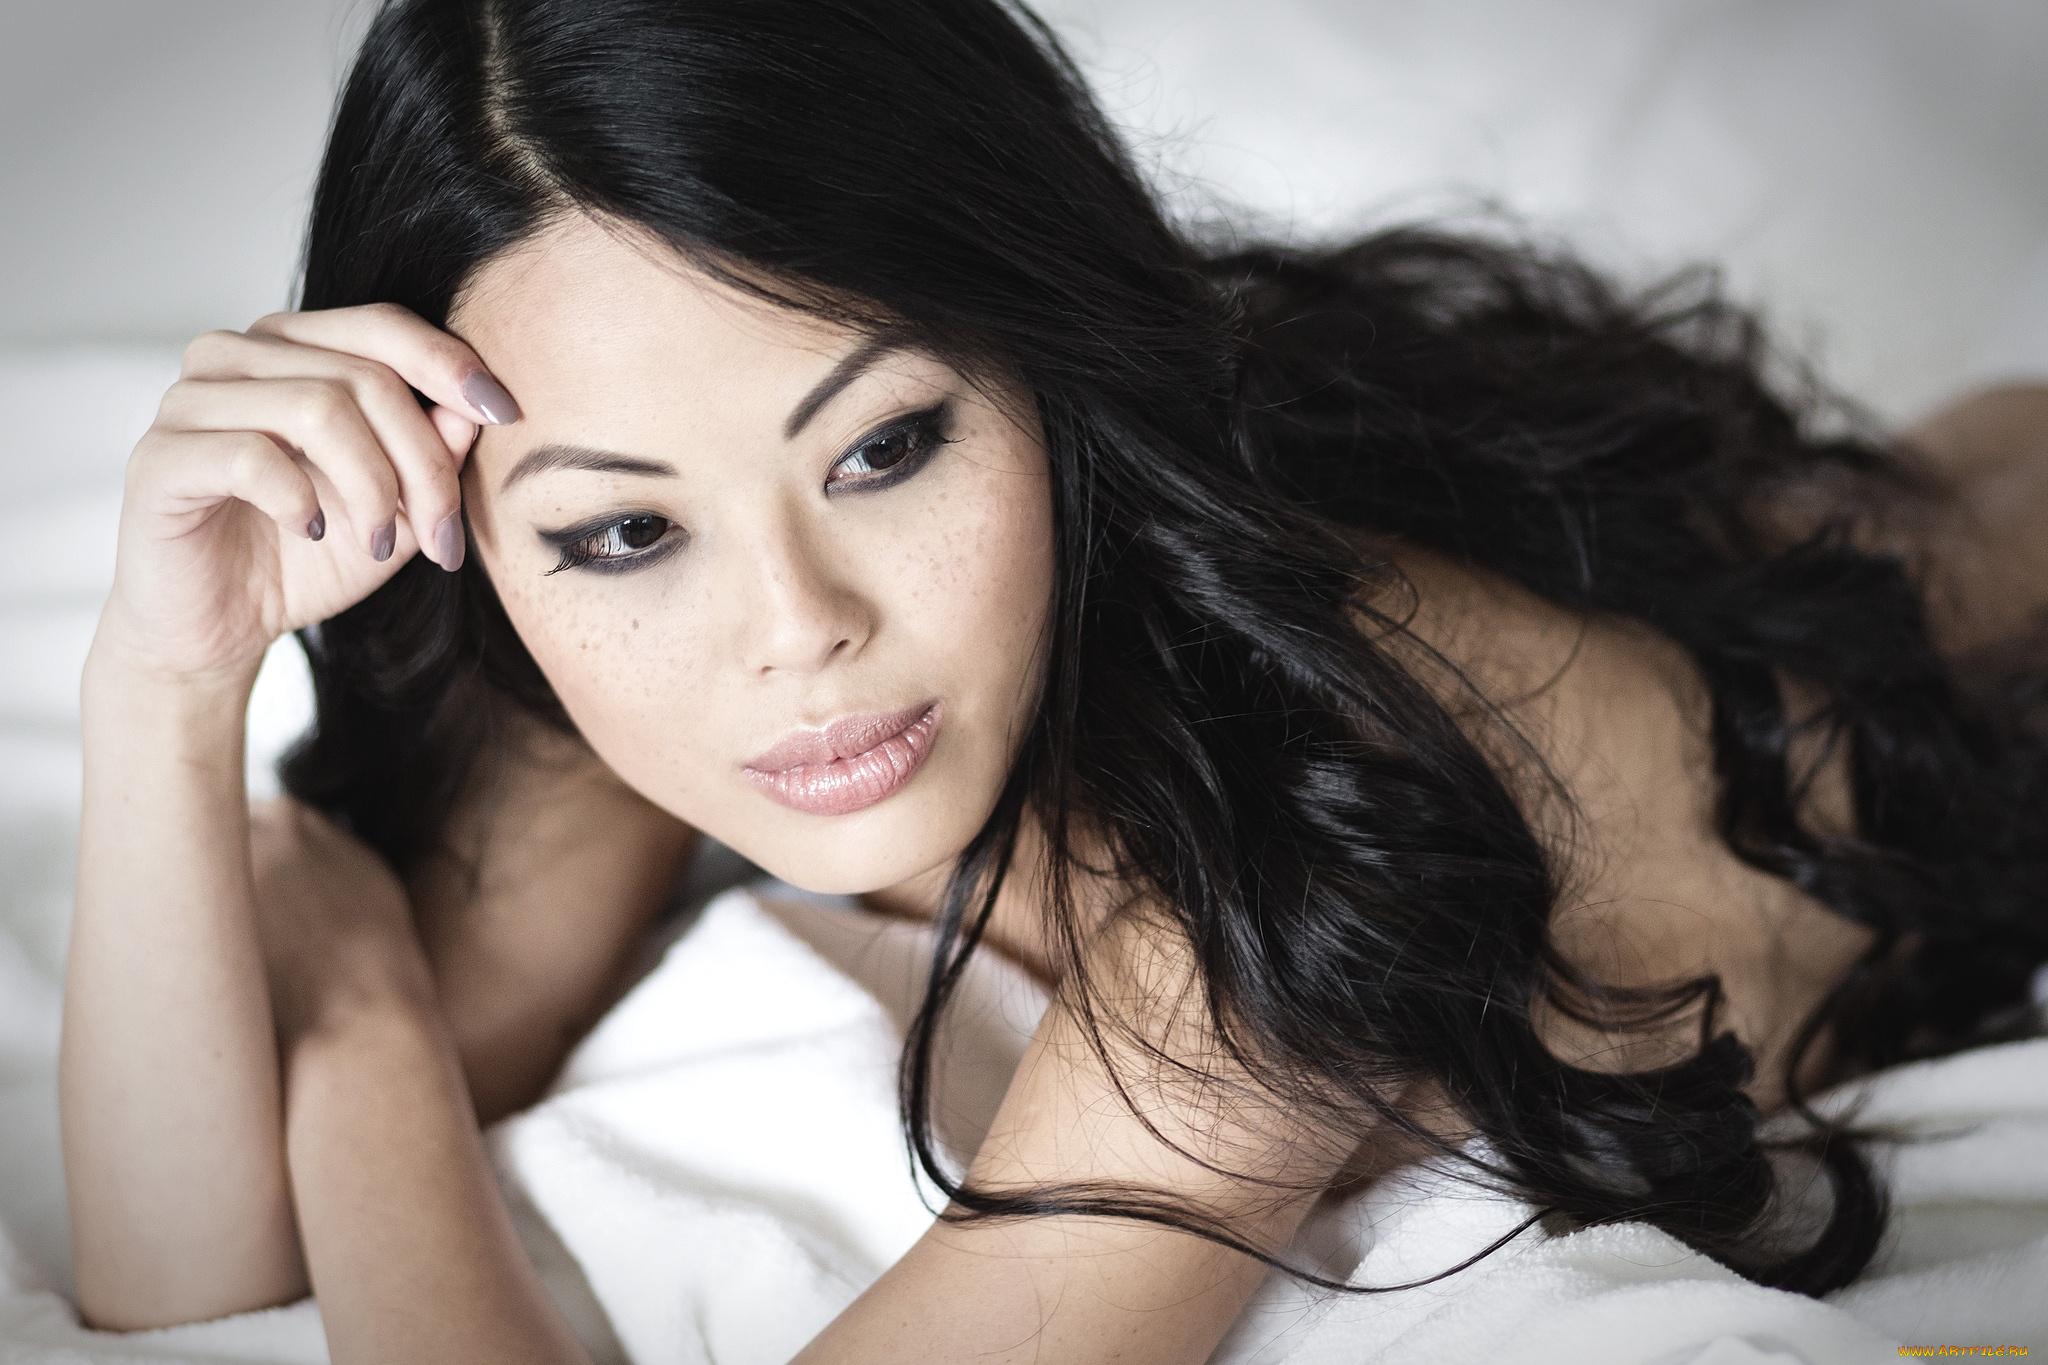 Накрашенная азиатка дарит жаркое секс удовольствие клиенту